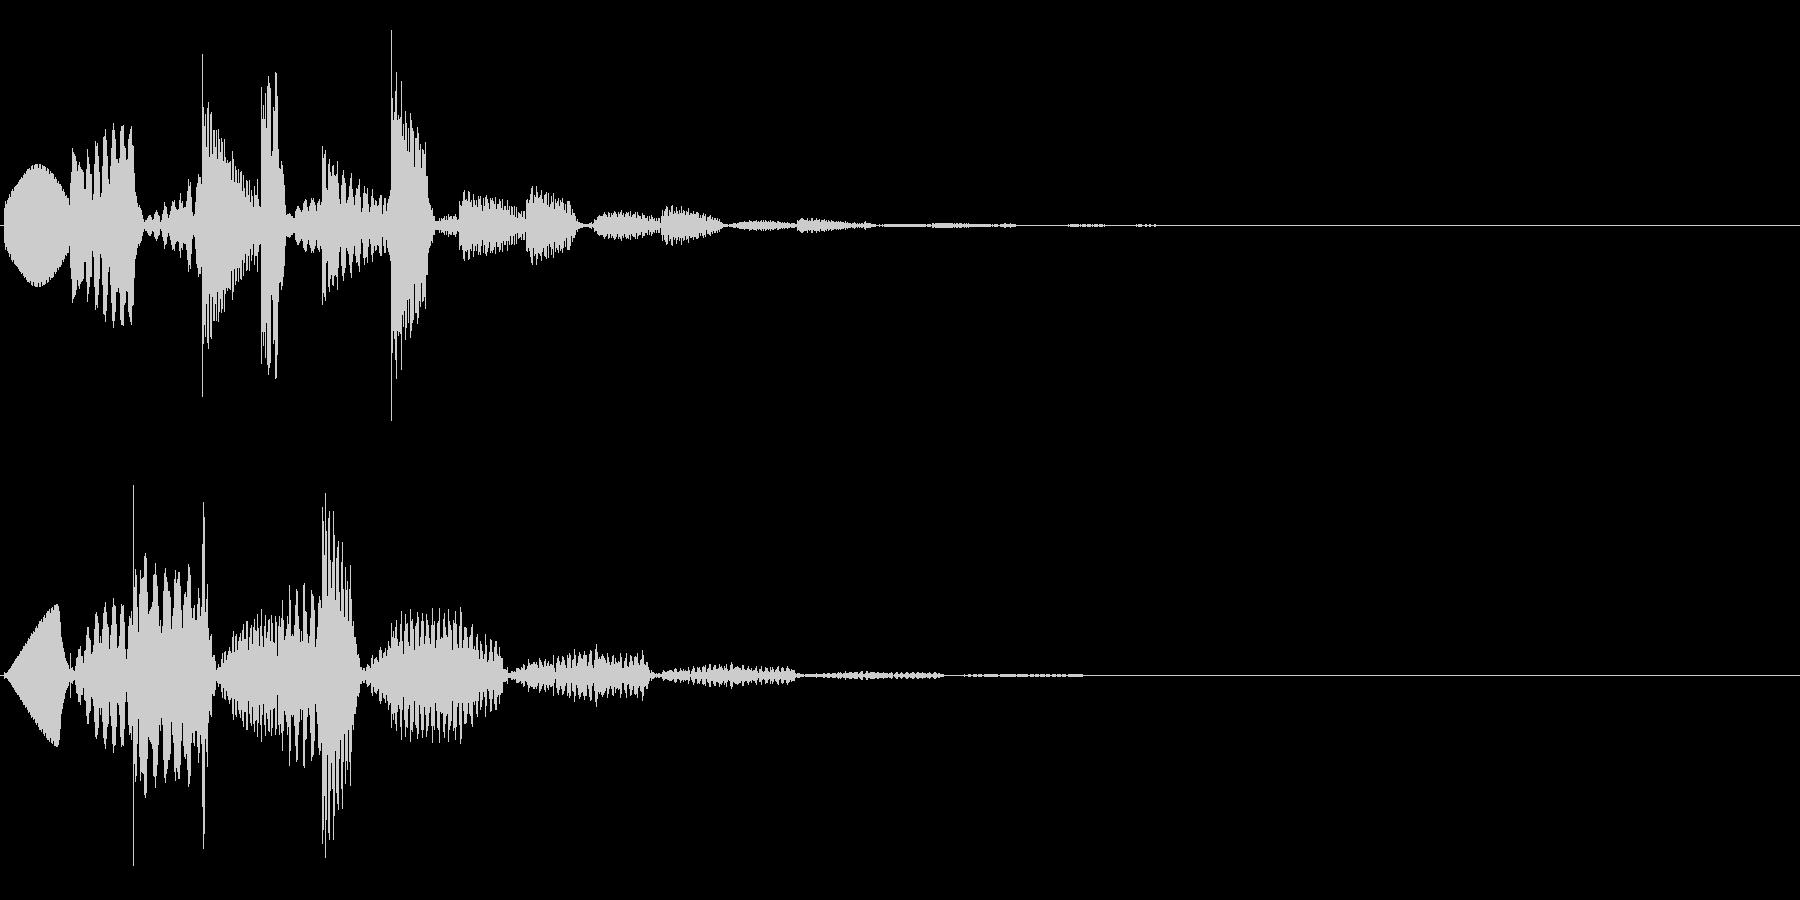 ワンポイント、テロップ等(琴系)の未再生の波形